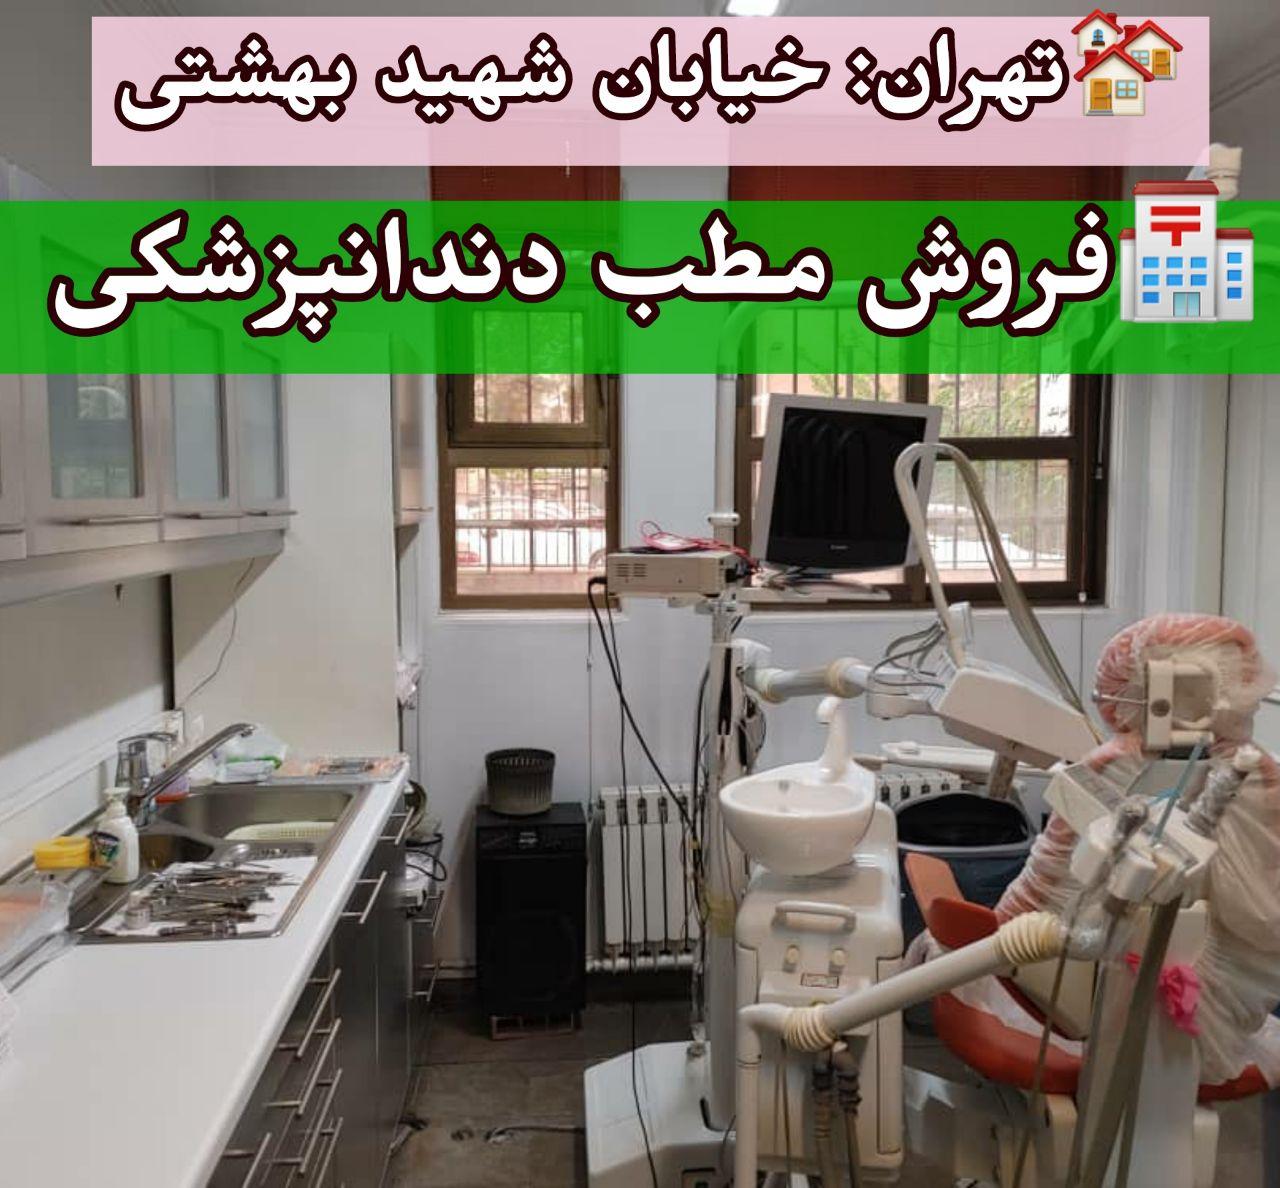 تهران: خیابان شهید بهشتی